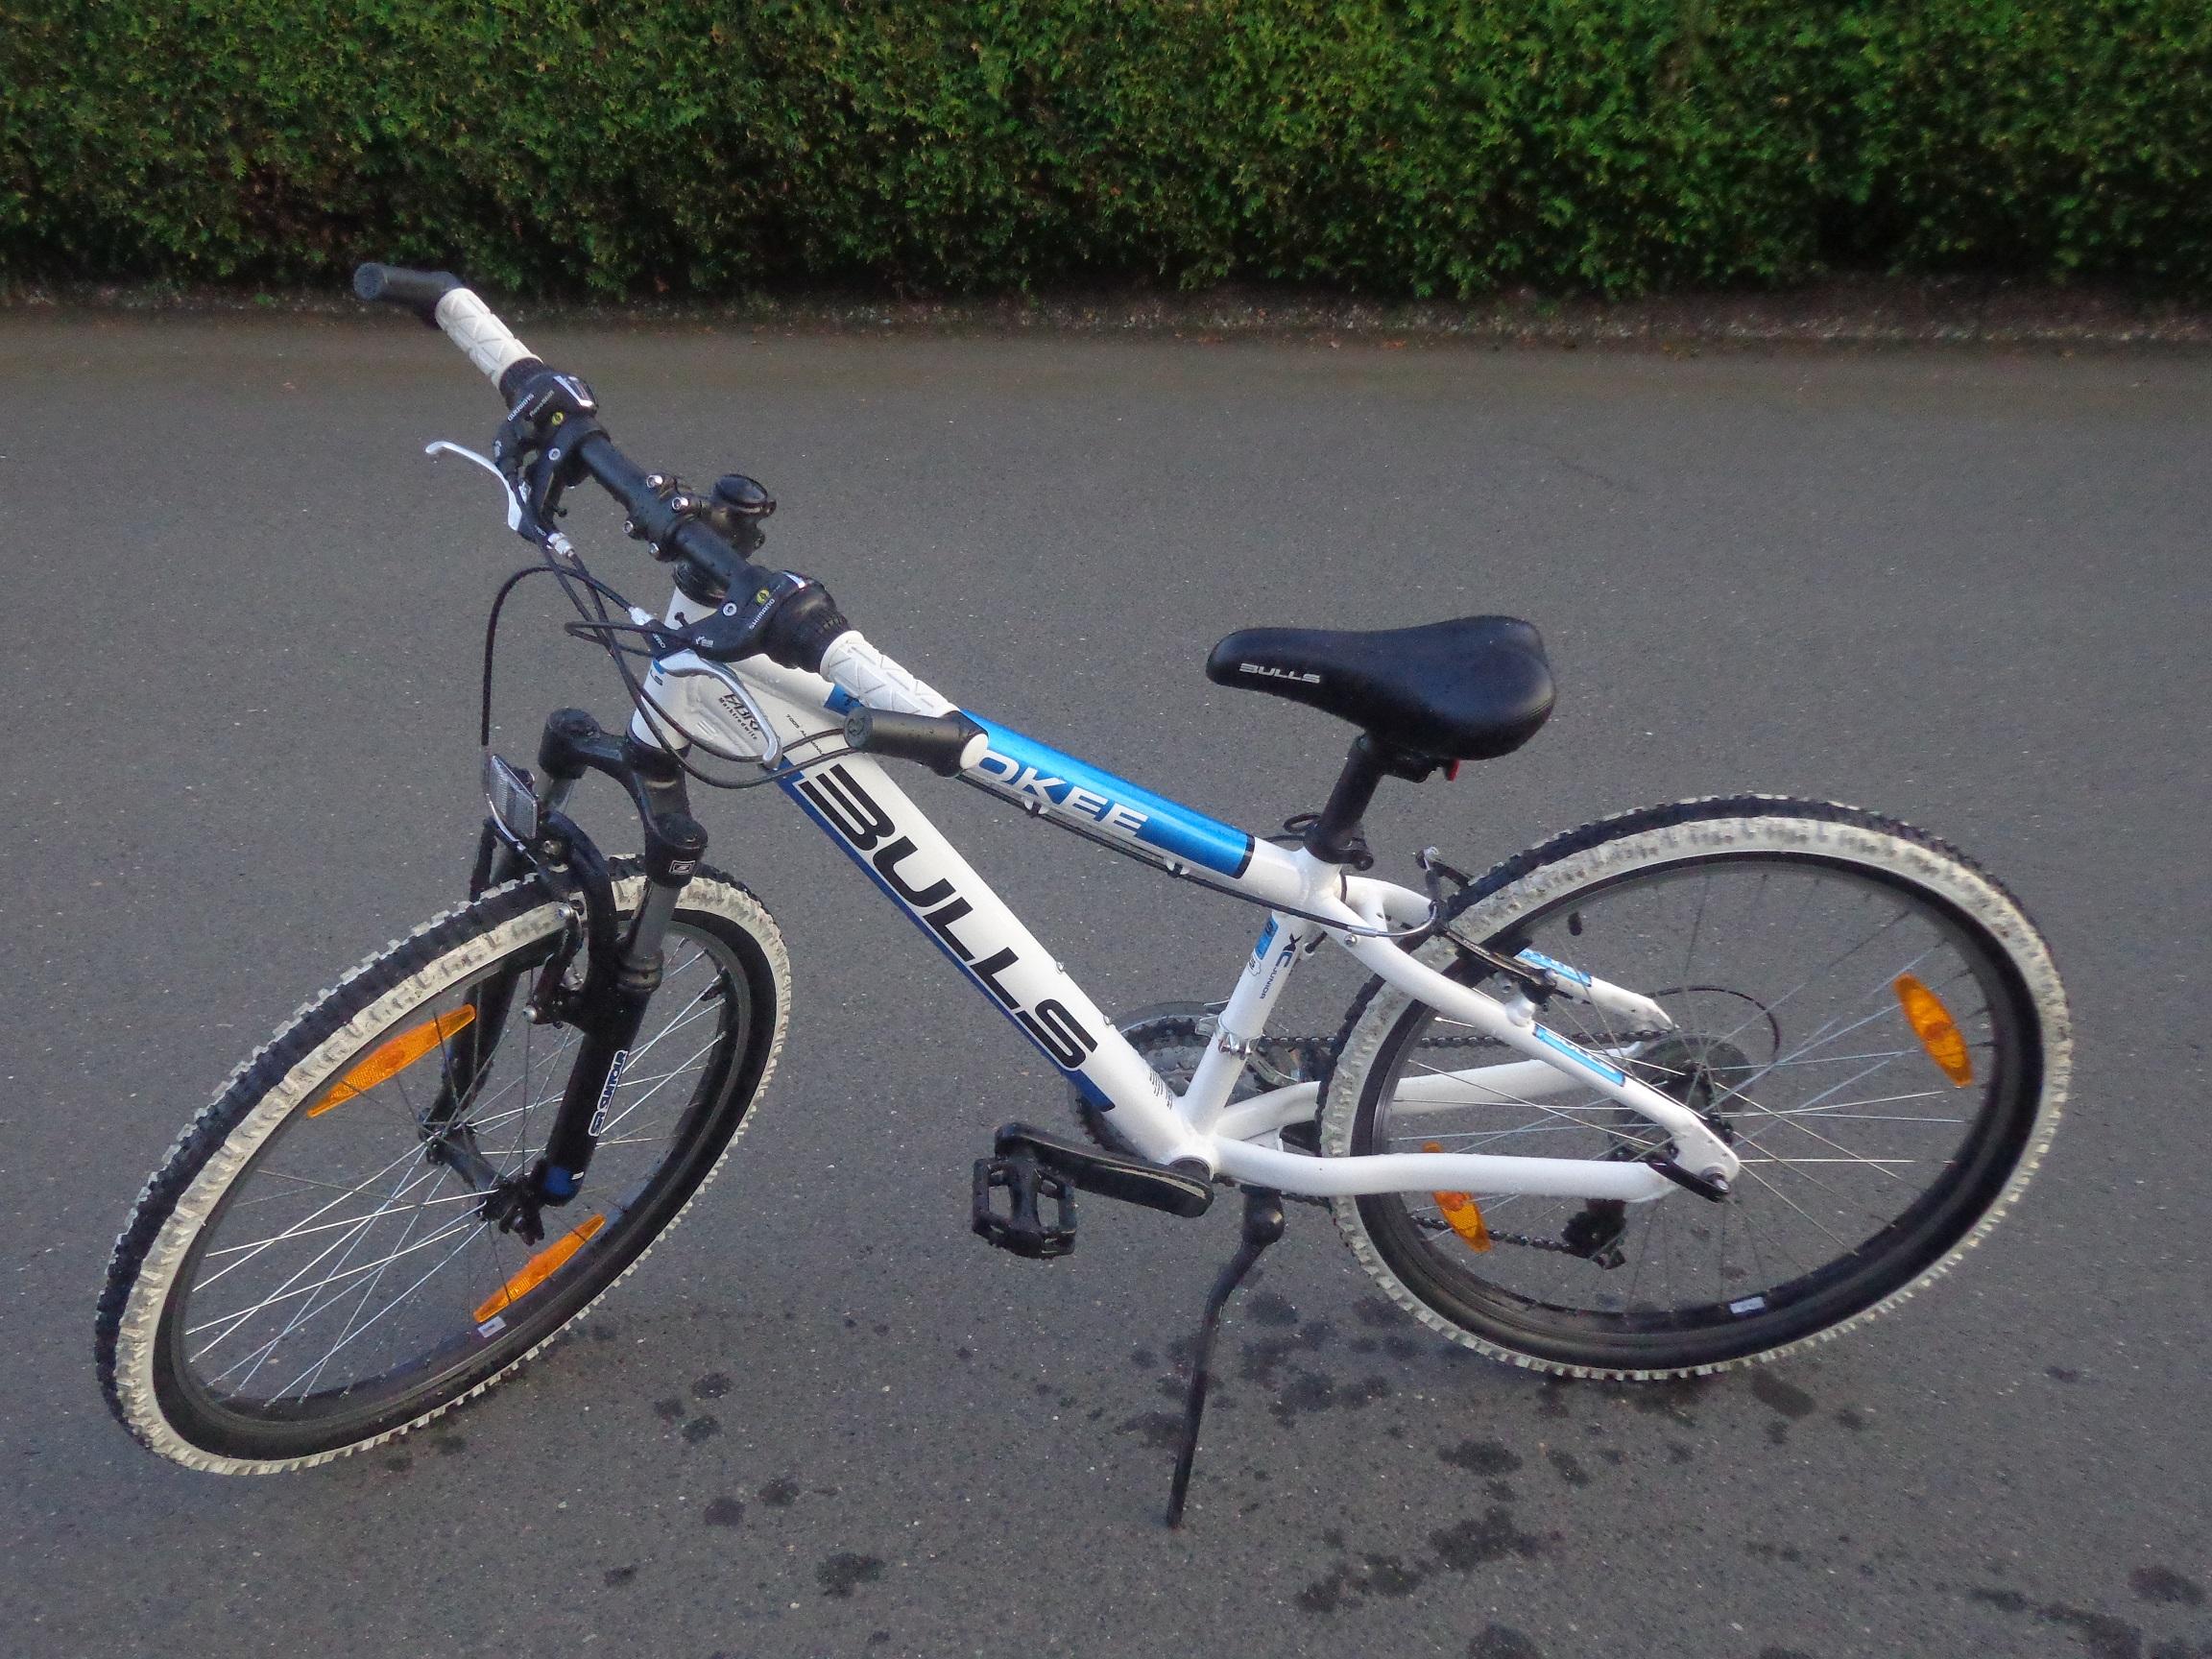 wie viel geld bekomme ich f r mein fahrrad noch mtb bulls 24zoll ebay verkaufen mountainbike. Black Bedroom Furniture Sets. Home Design Ideas